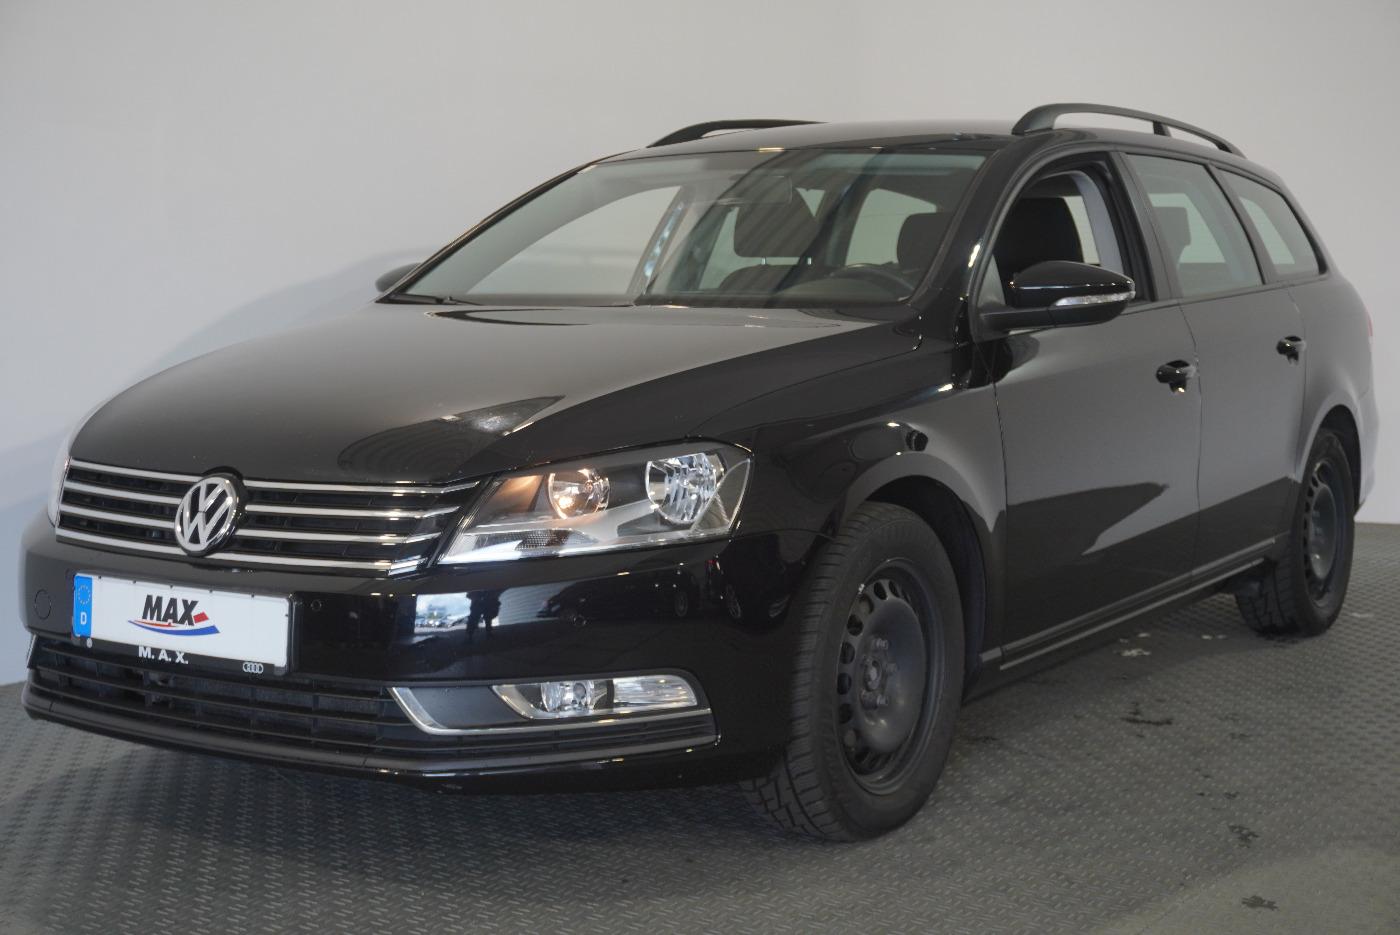 Volkswagen Passat Variant 1.6 TDI PDC Keyless Access Alu 16, Jahr 2014, Diesel